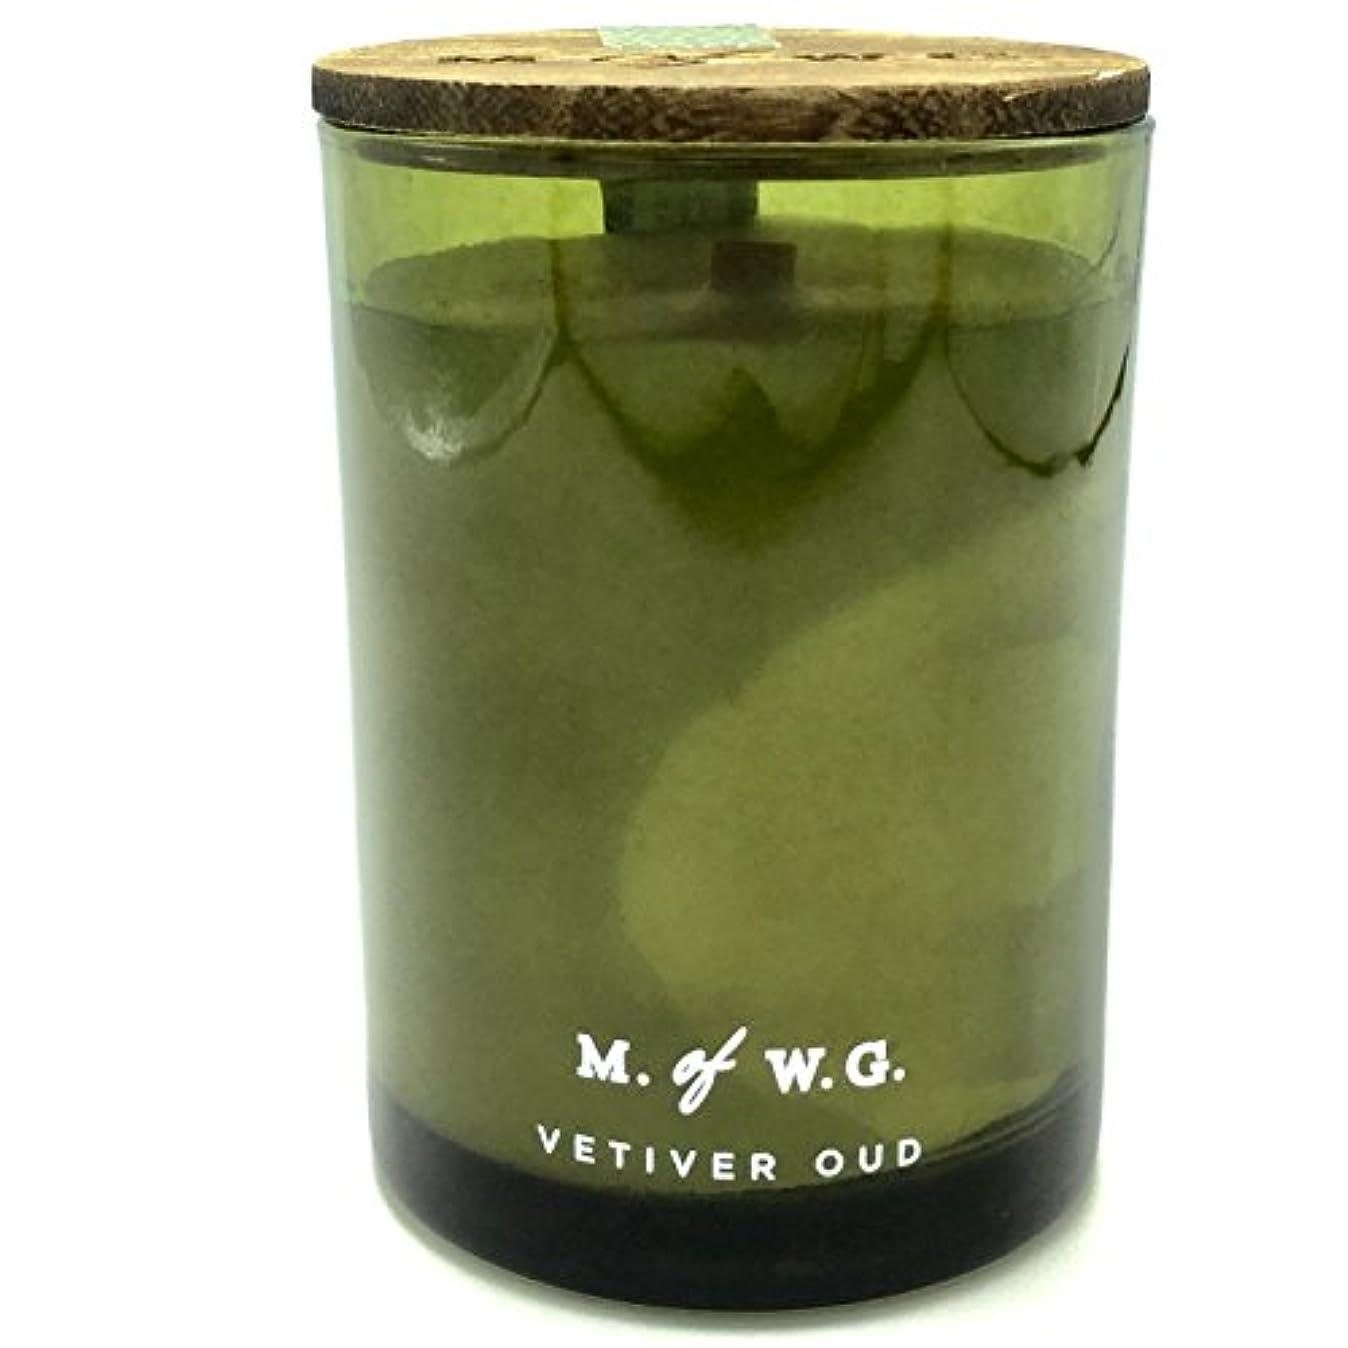 ゴールデンアルカトラズ島細心のMakersワックスのGoods Vetiver Oud Wood Wick Scented Candle